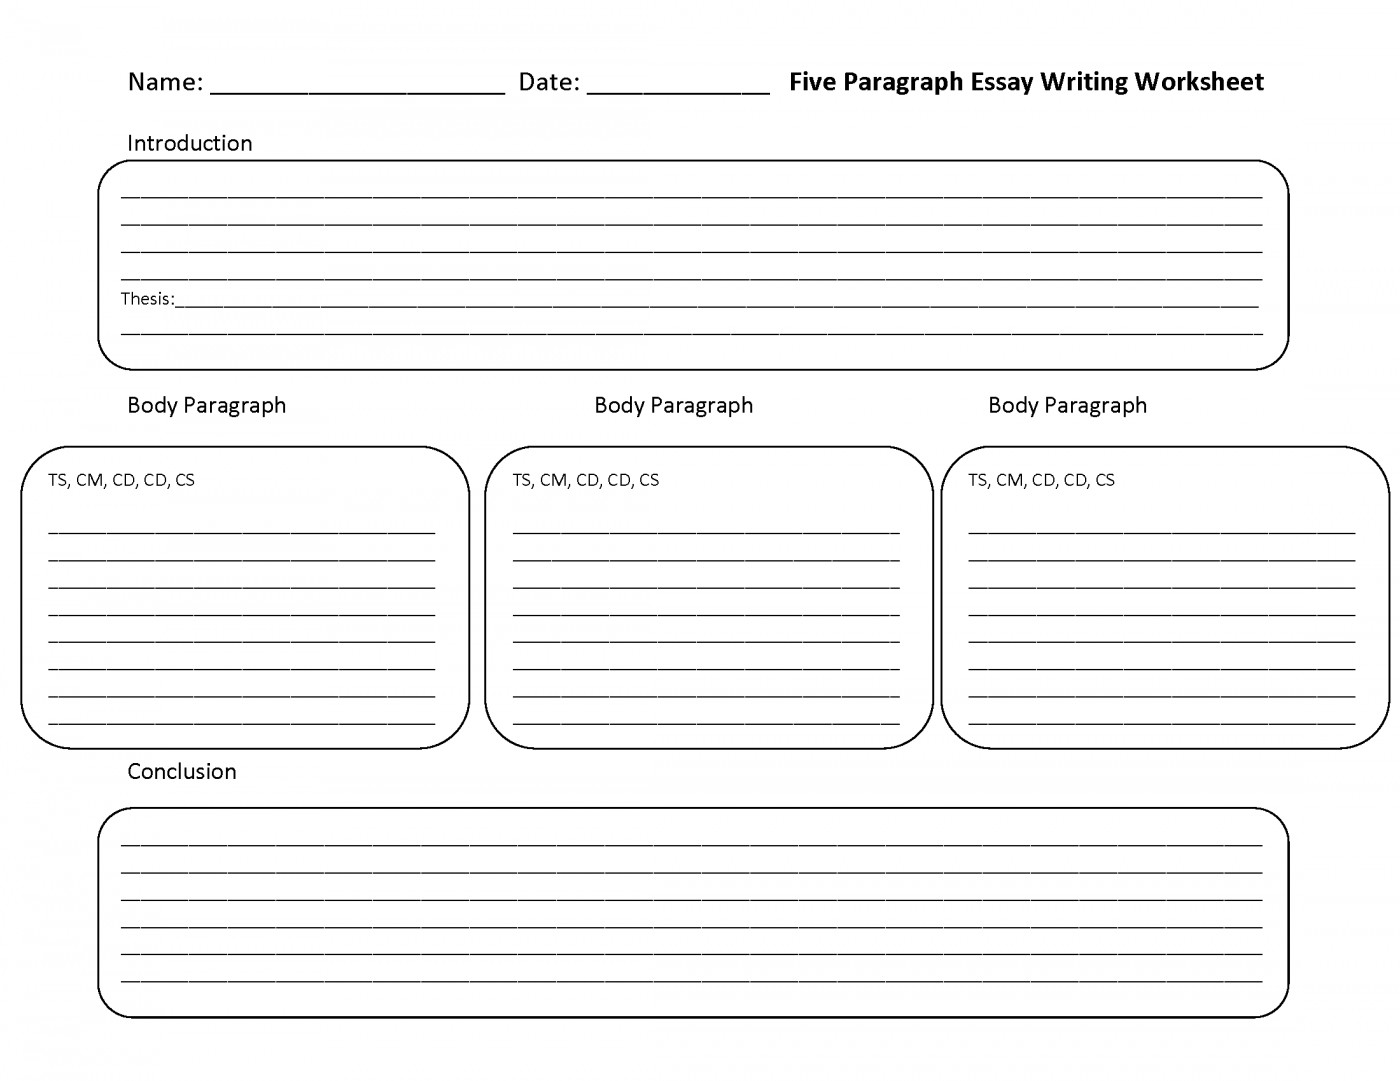 014 Essay Example Five Paragraph Lines Impressive 5 Outline Template Pdf Argumentative 1400